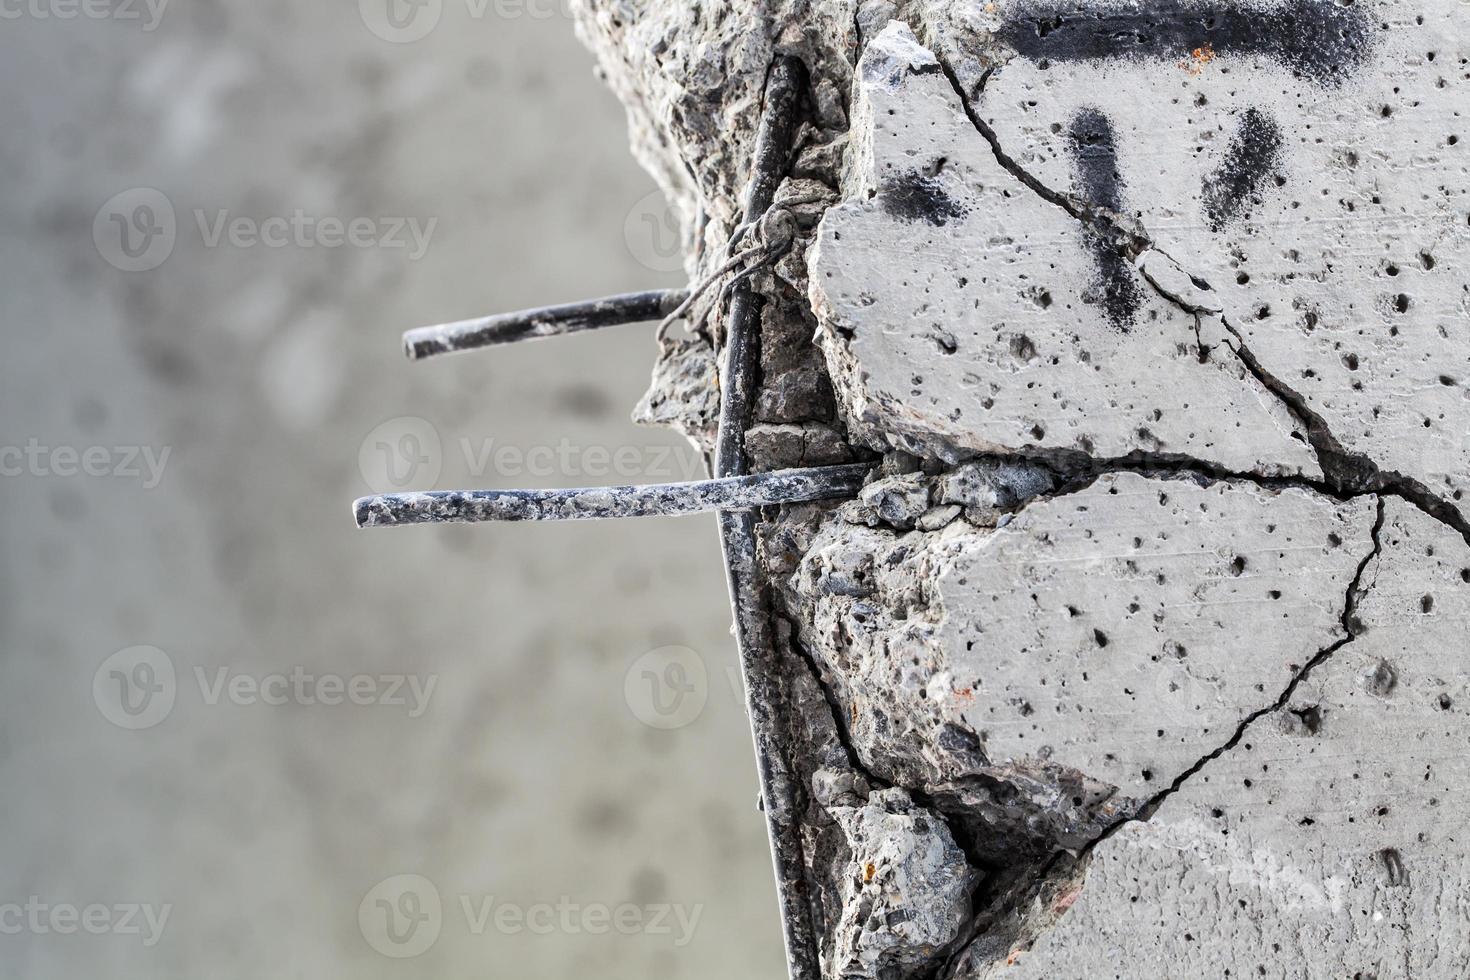 Stahlstangen ragen aus dem gerissenen Beton heraus foto